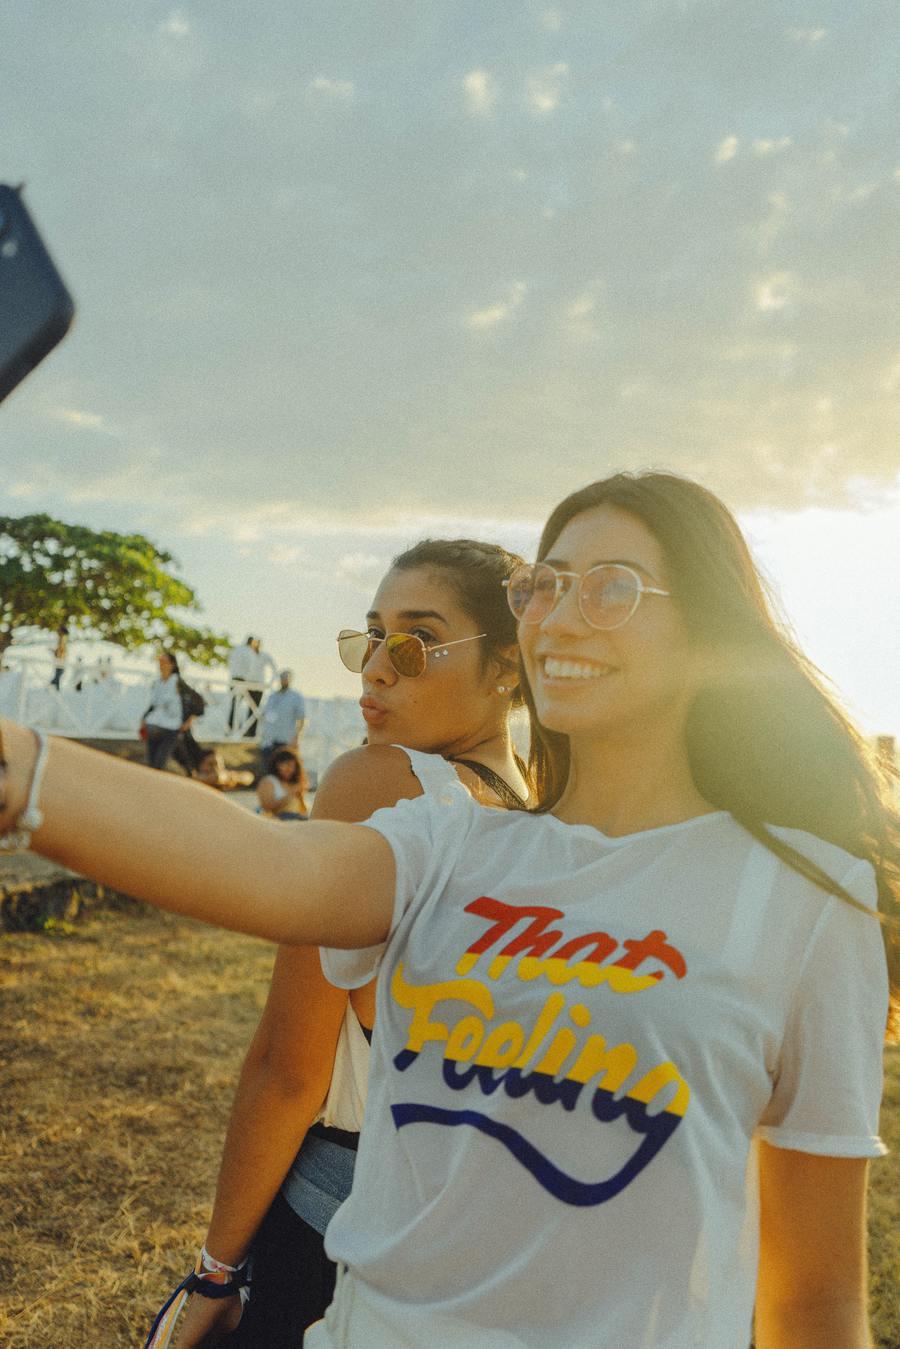 hai cô gái chụp ảnh selfie việc làm thêm